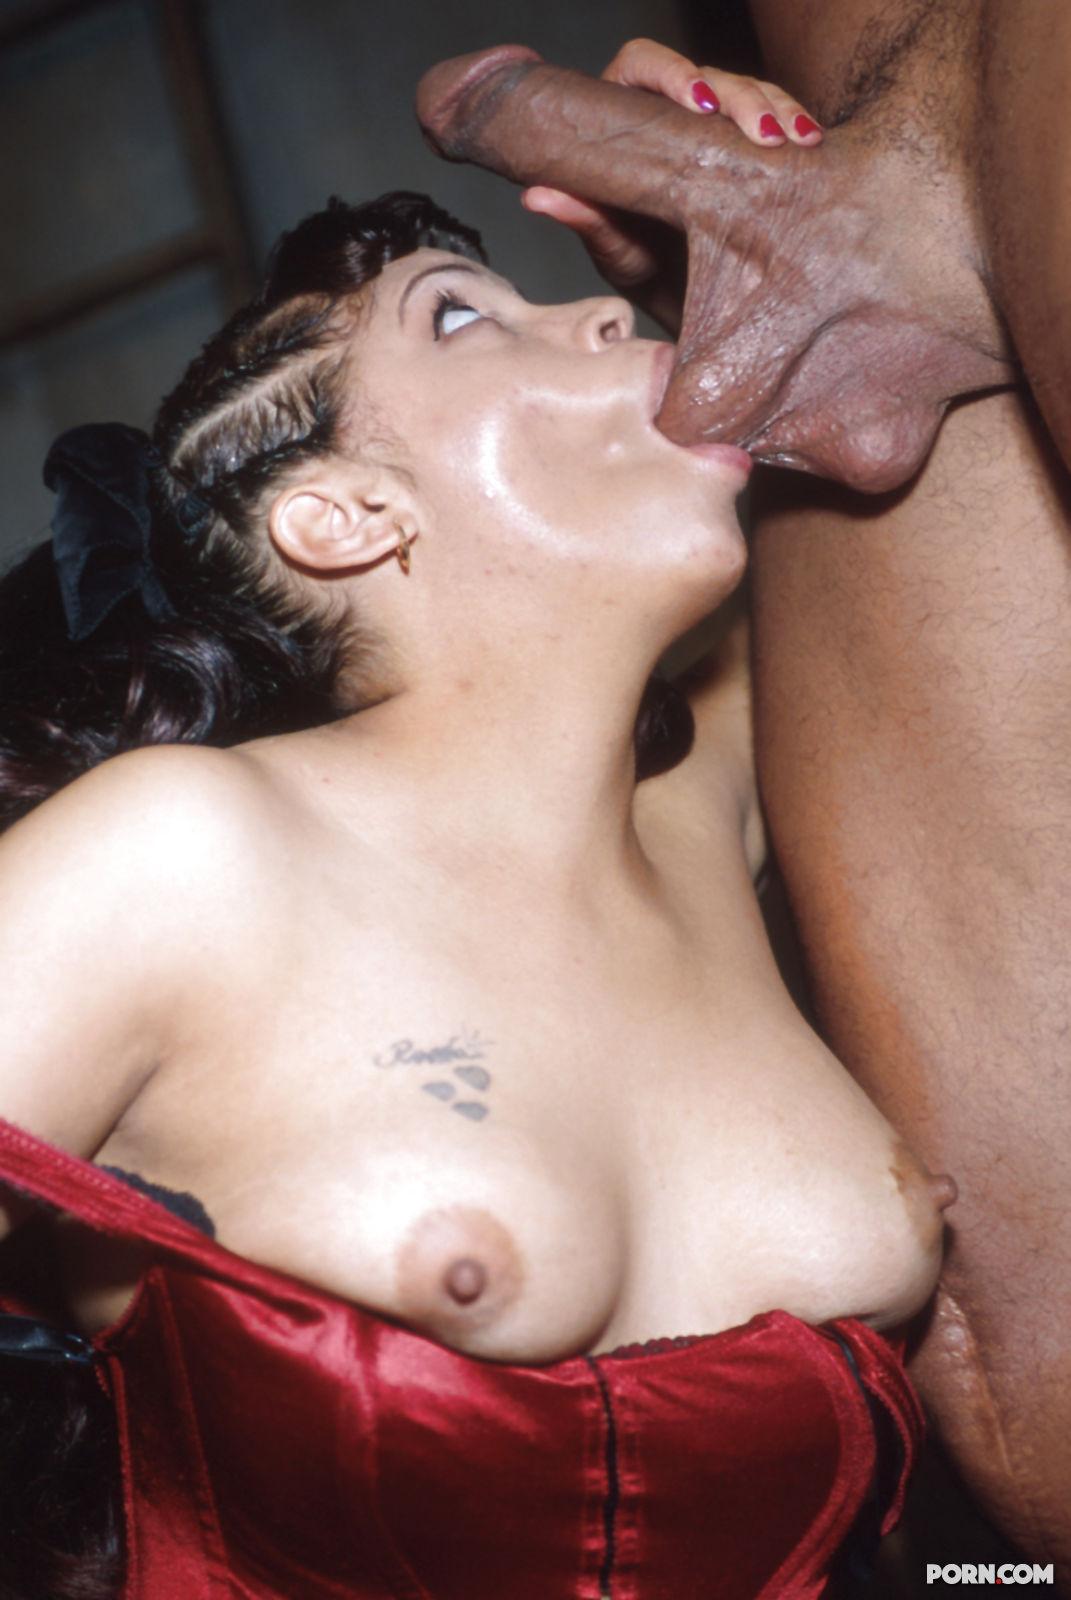 Пьющая сперму порно фото 3 фотография